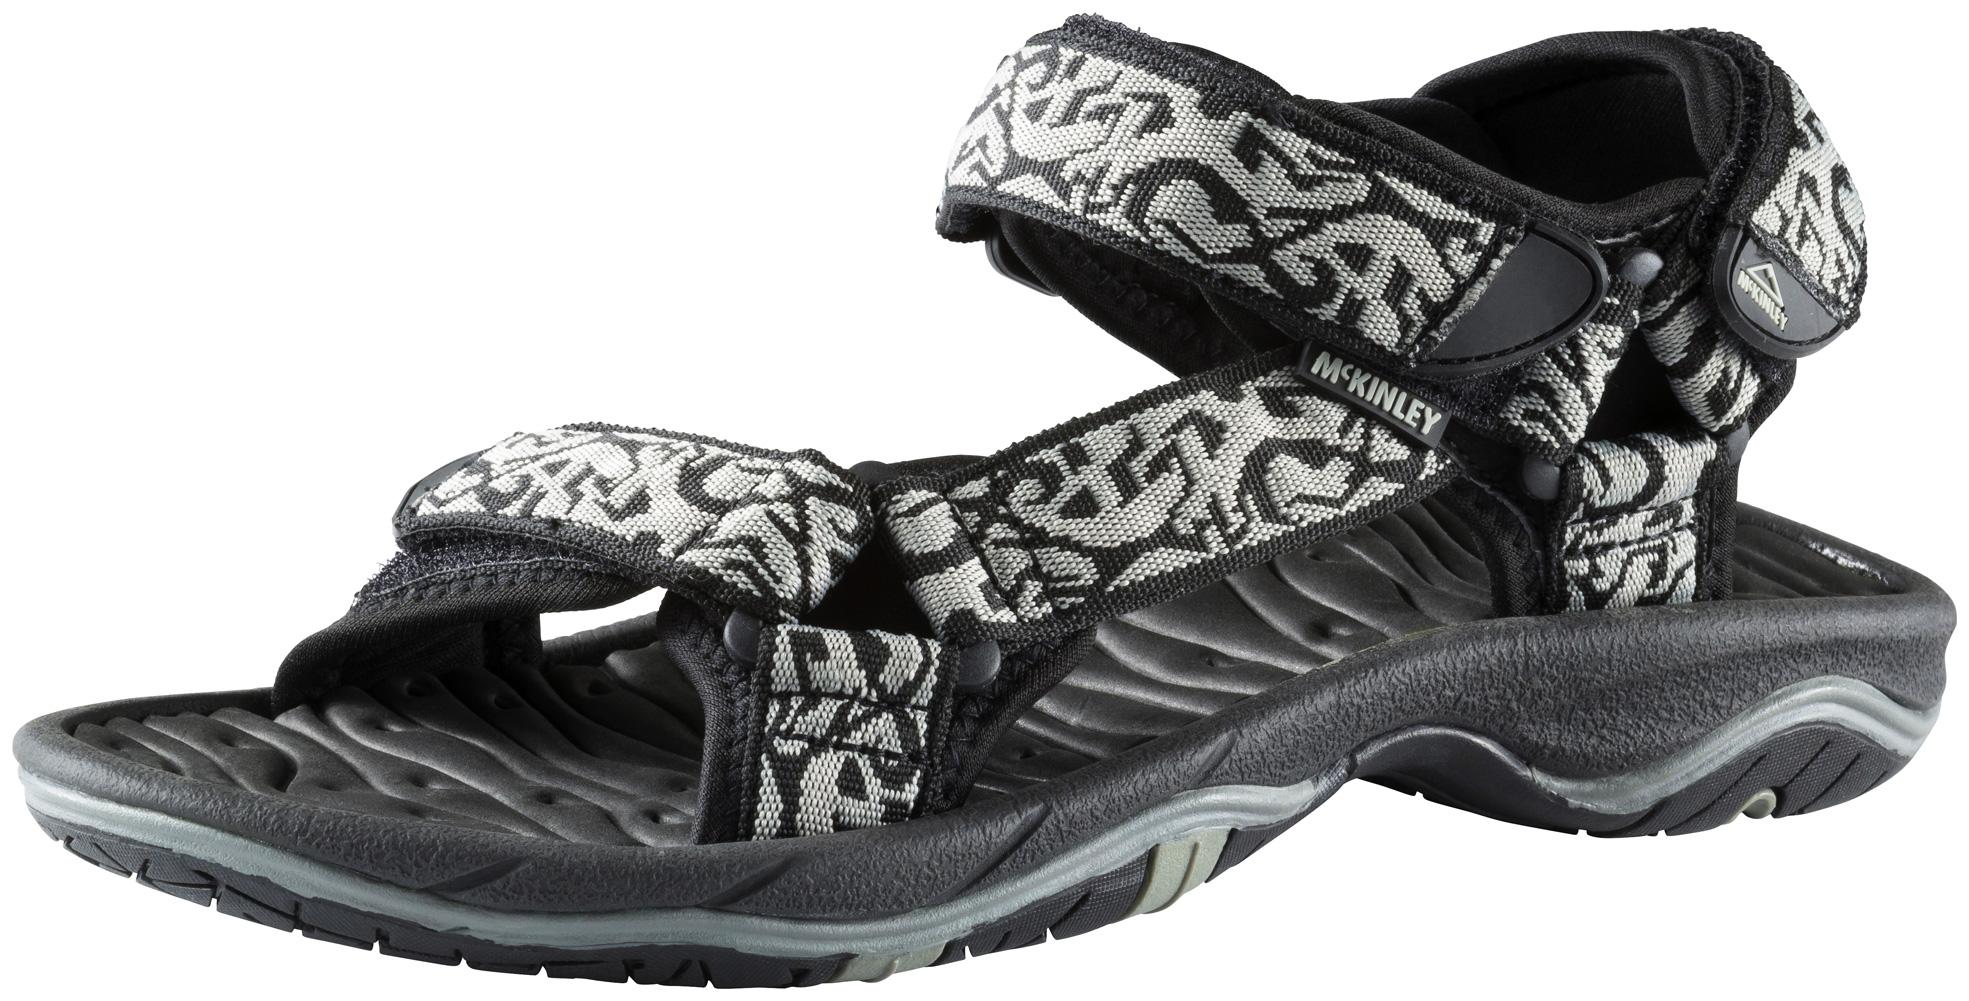 Herren-Trekking-Sandale Joik III